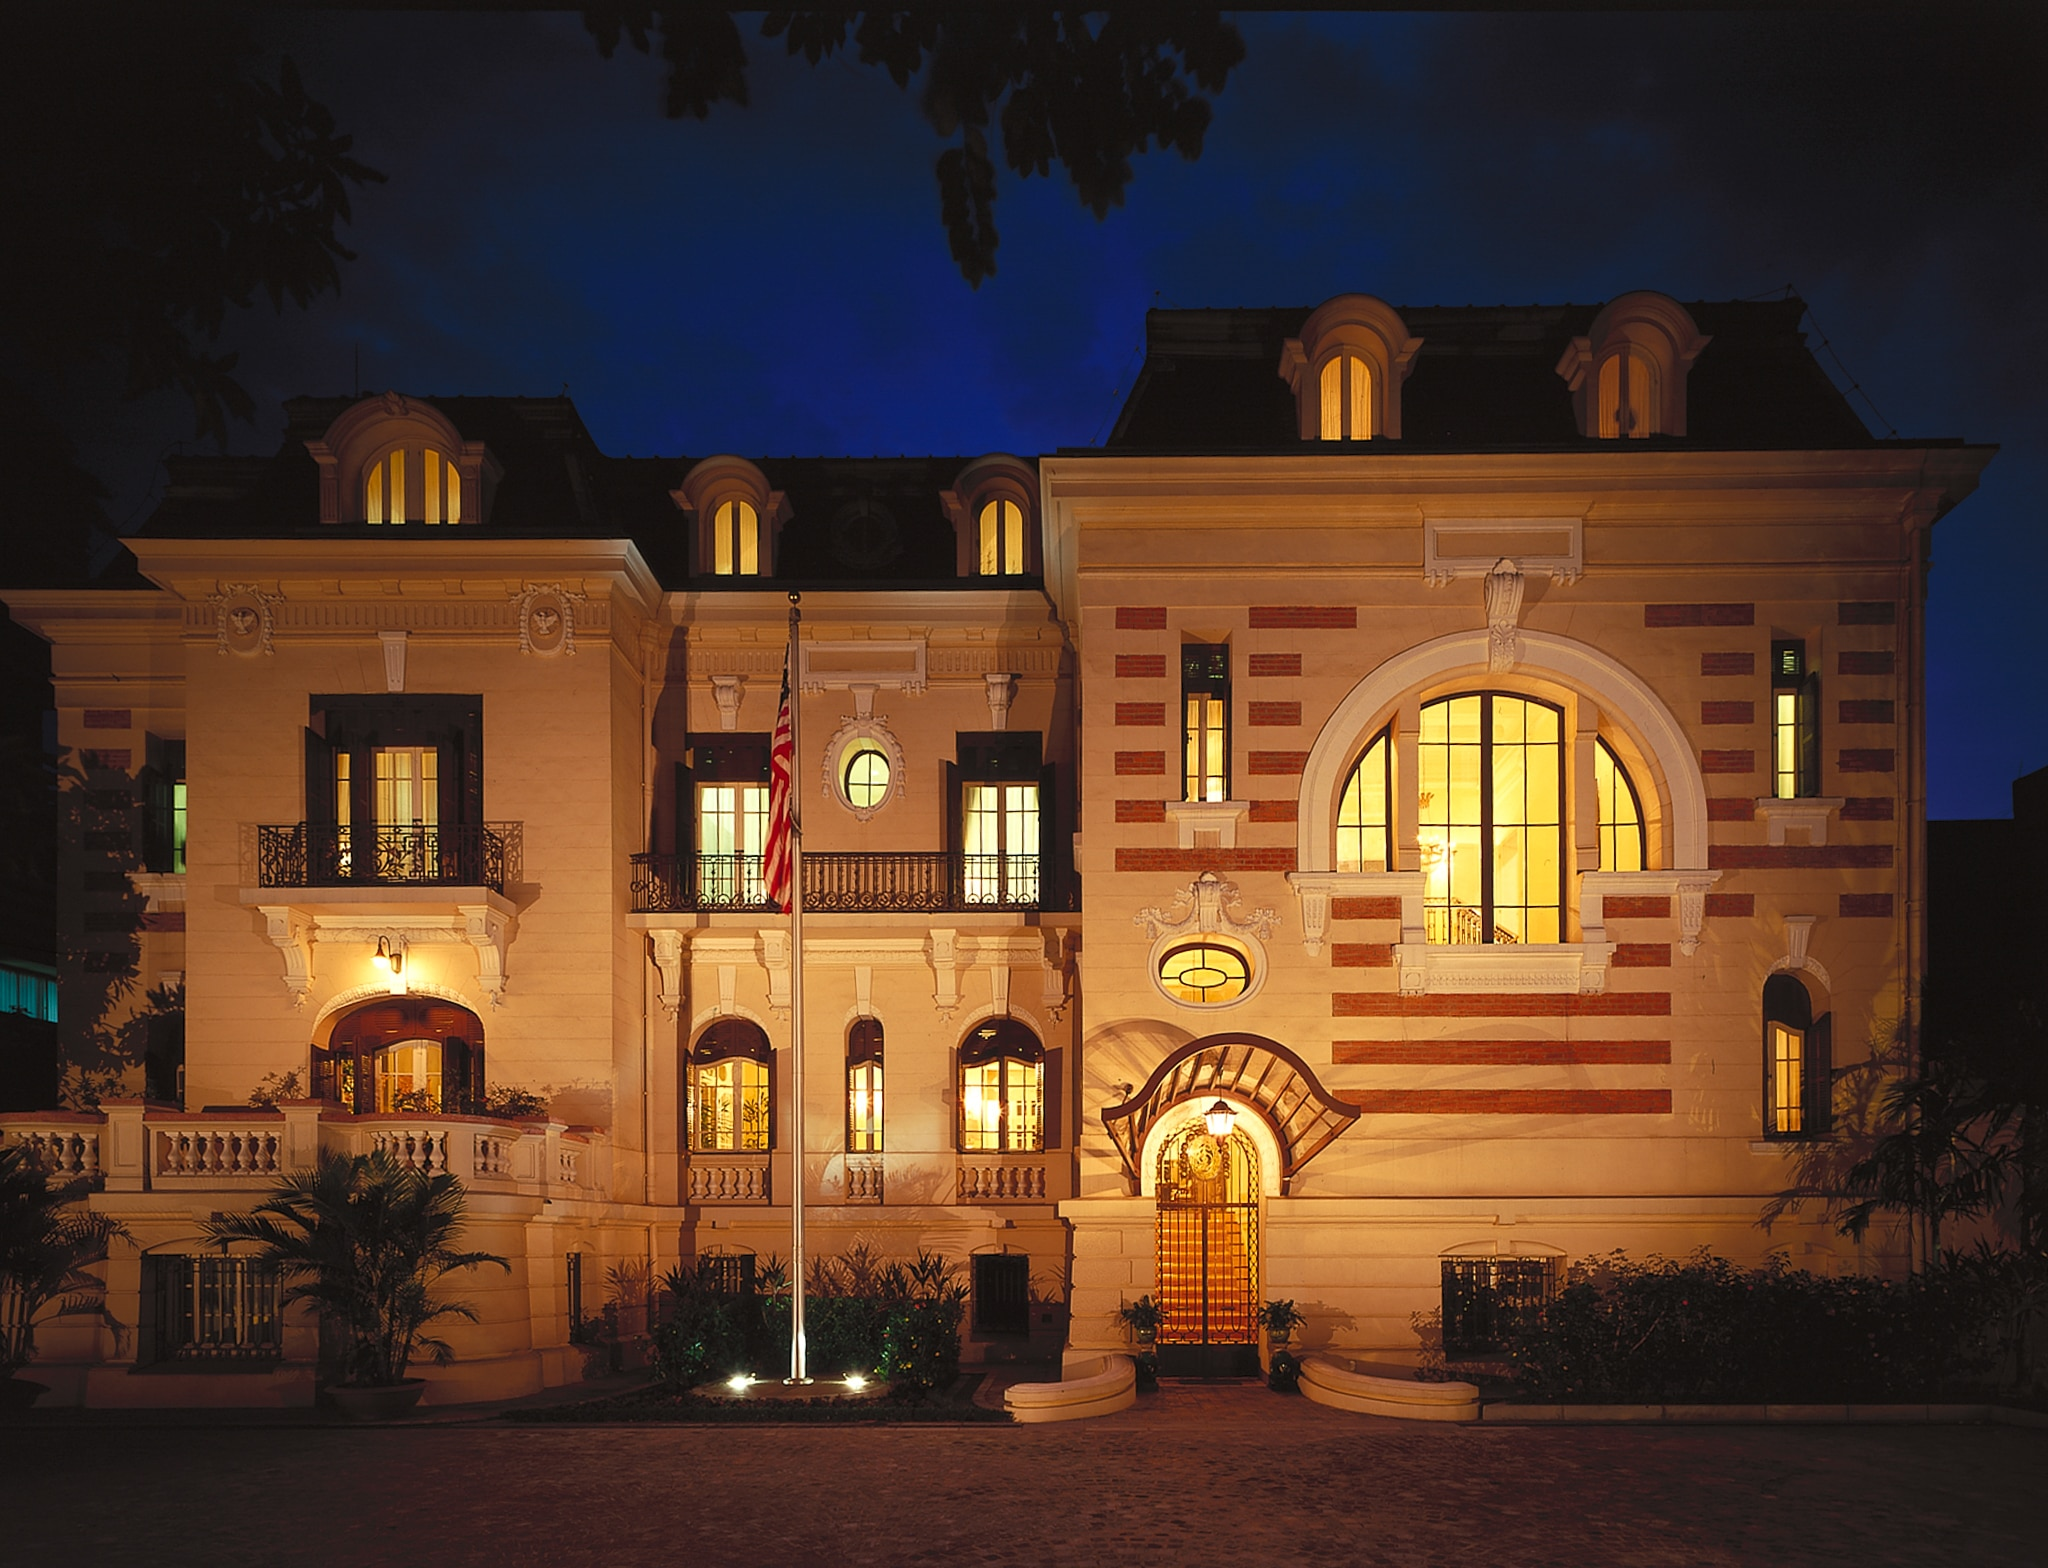 Tampilan bangunan malam hari dengan jendela tinggi dan sempit dan garis horisontal di fasad (State Dept.)